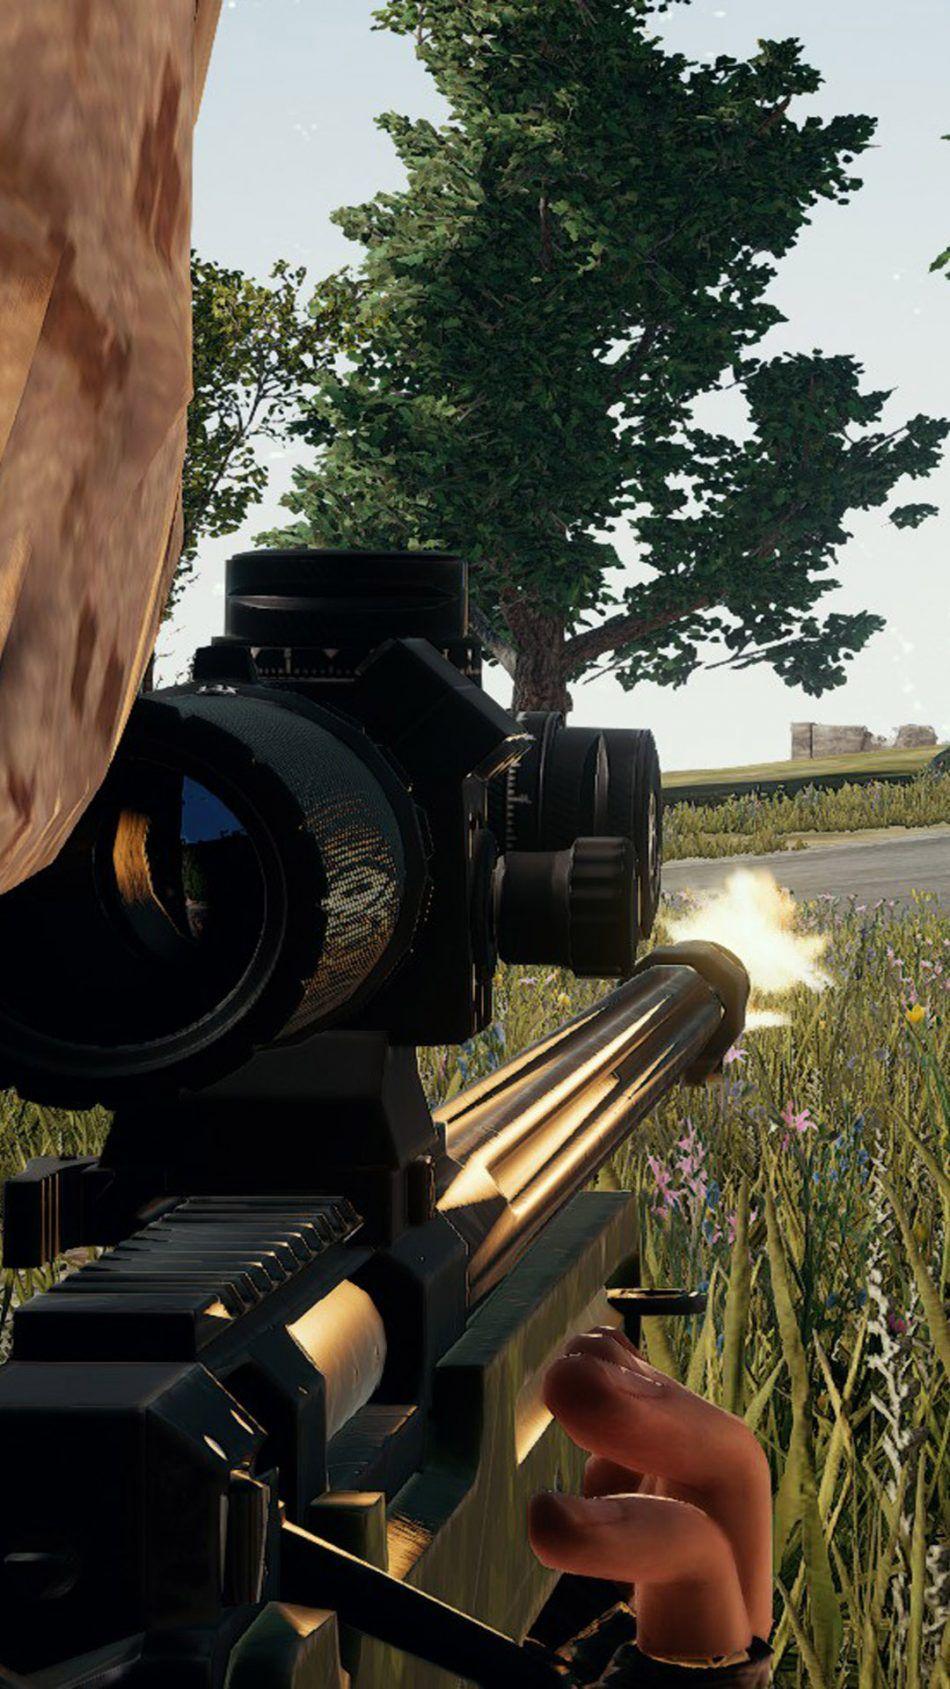 Sniper Playerunknowns Battlegrounds Pubg Hd Mobile Wallpaper Pubg